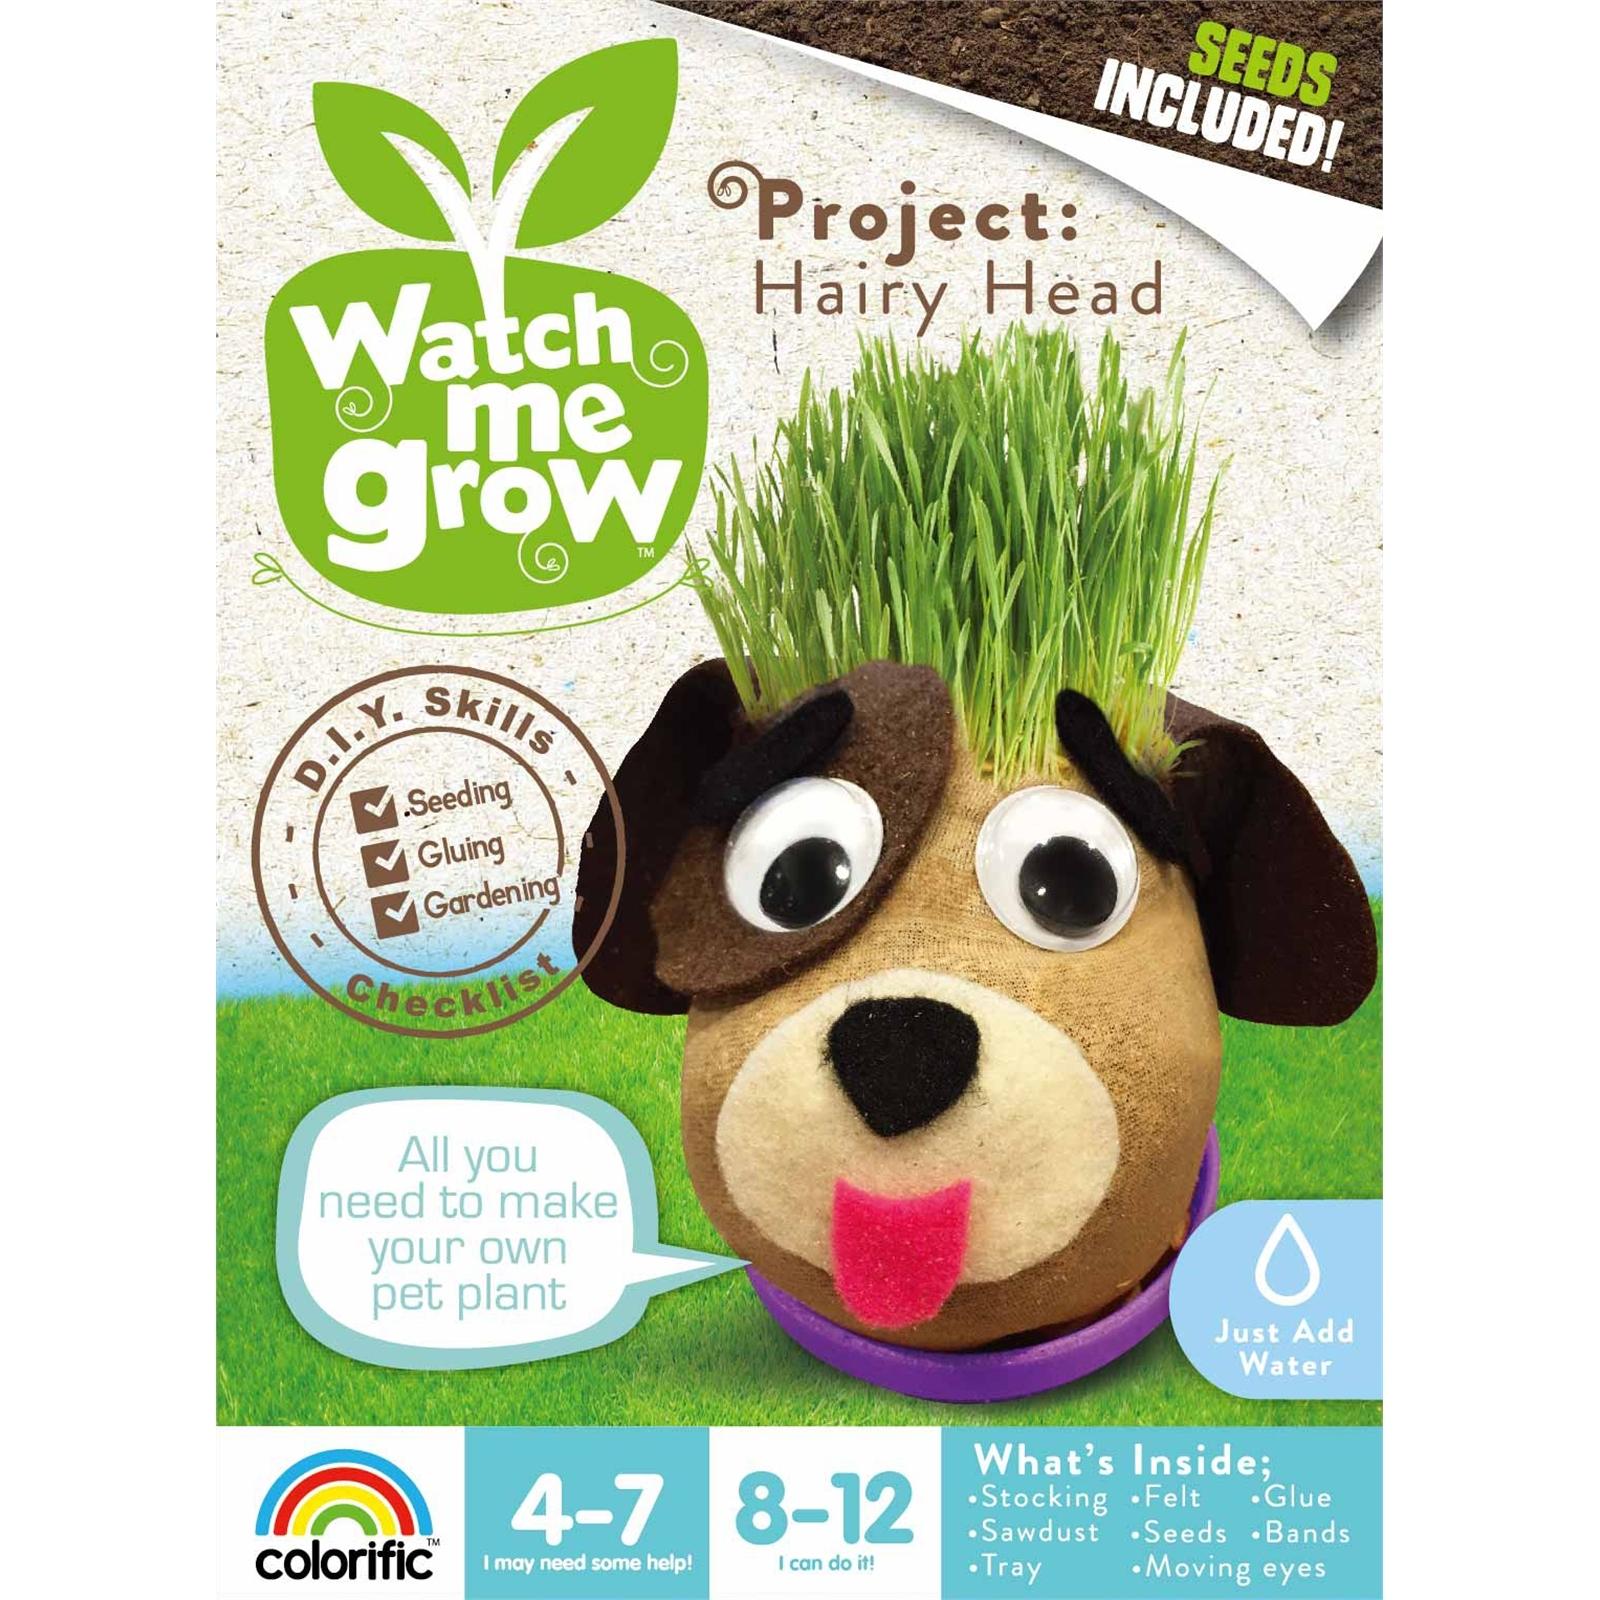 Watch Me Grow Hairy Head